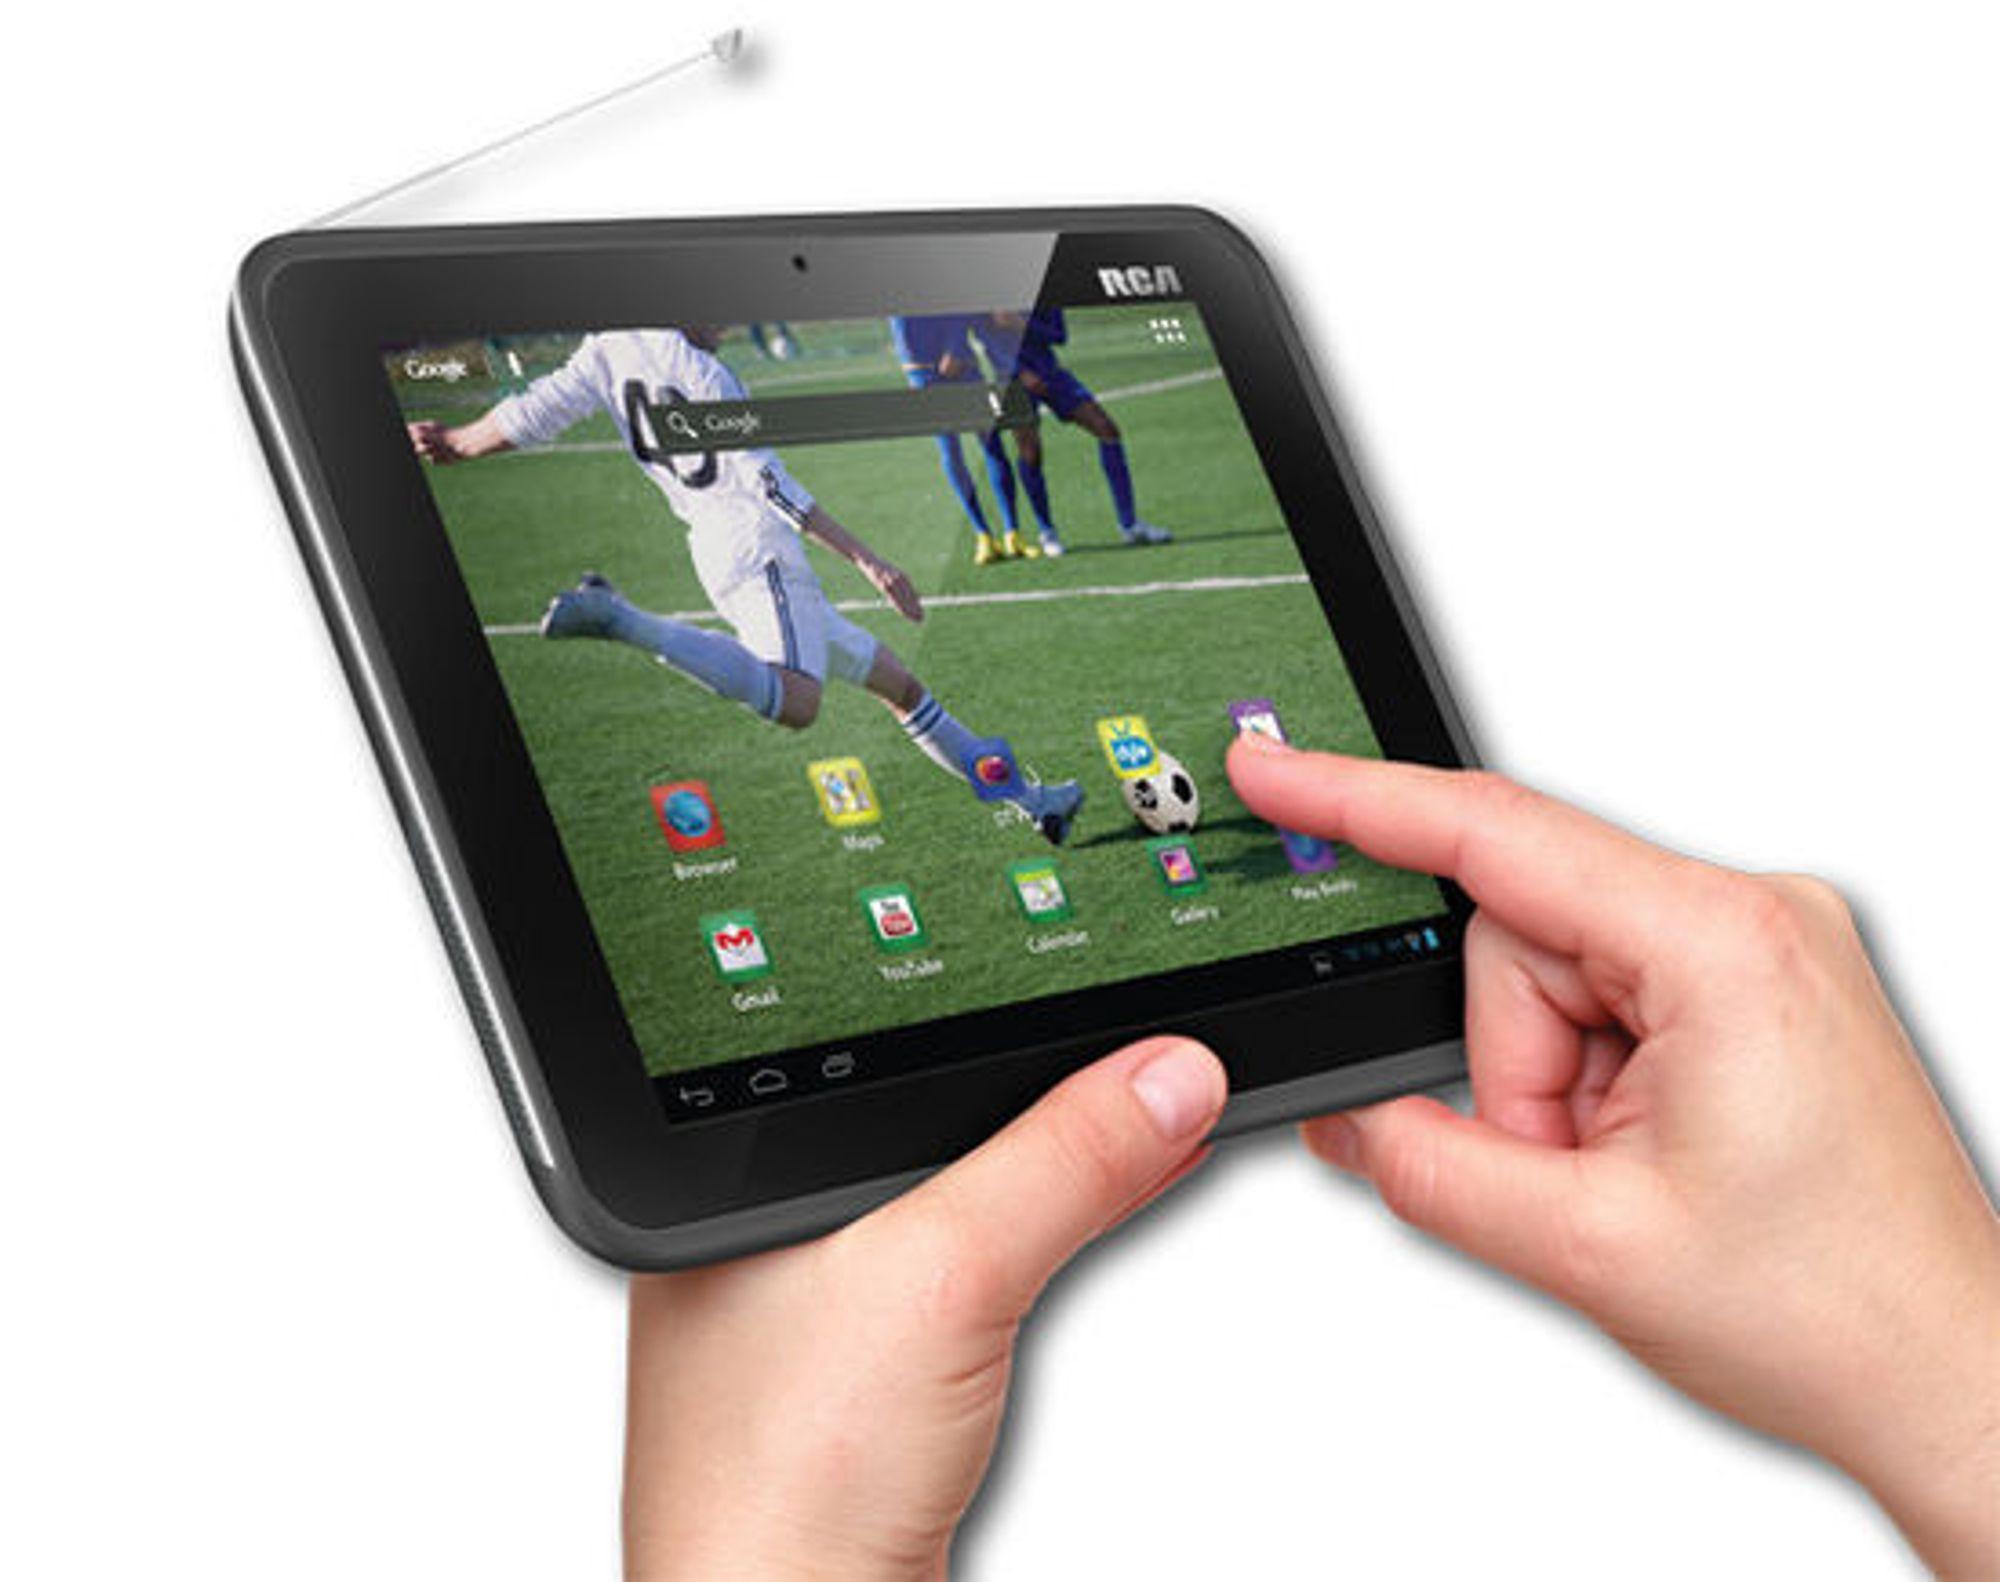 For 200 dollar får man kjøpt et Android-basert RCA-nettbrett med tv-mottaker og åtte tommers skjerm. Men det er flere år siden nettbrettets maskin- og programvare kunne kalles for oppdatert og moderne.